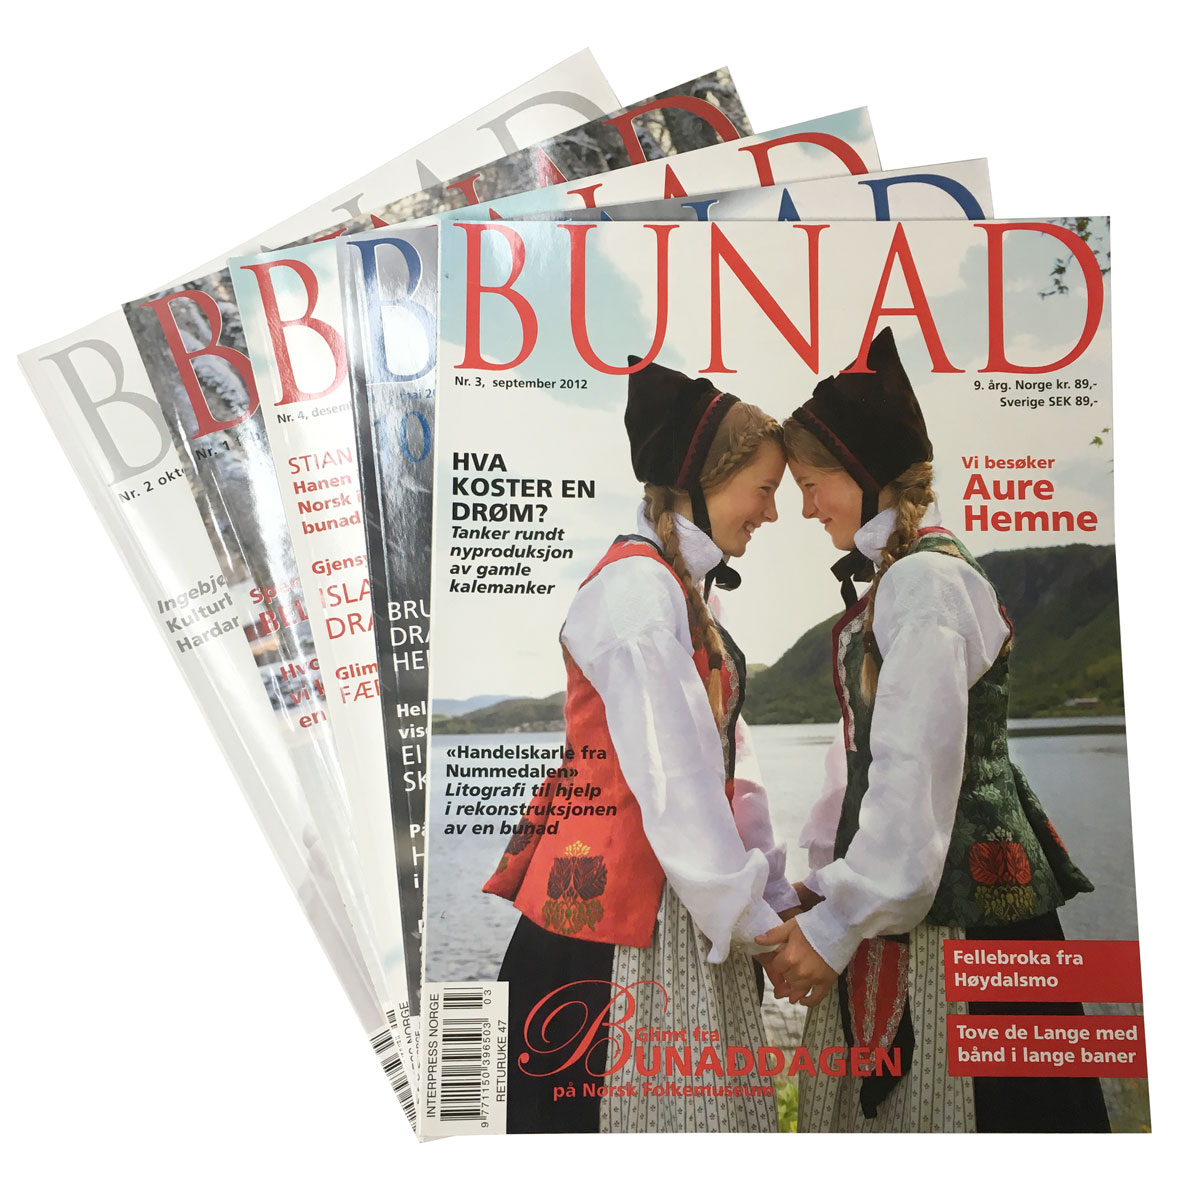 Trøndelag-bundle